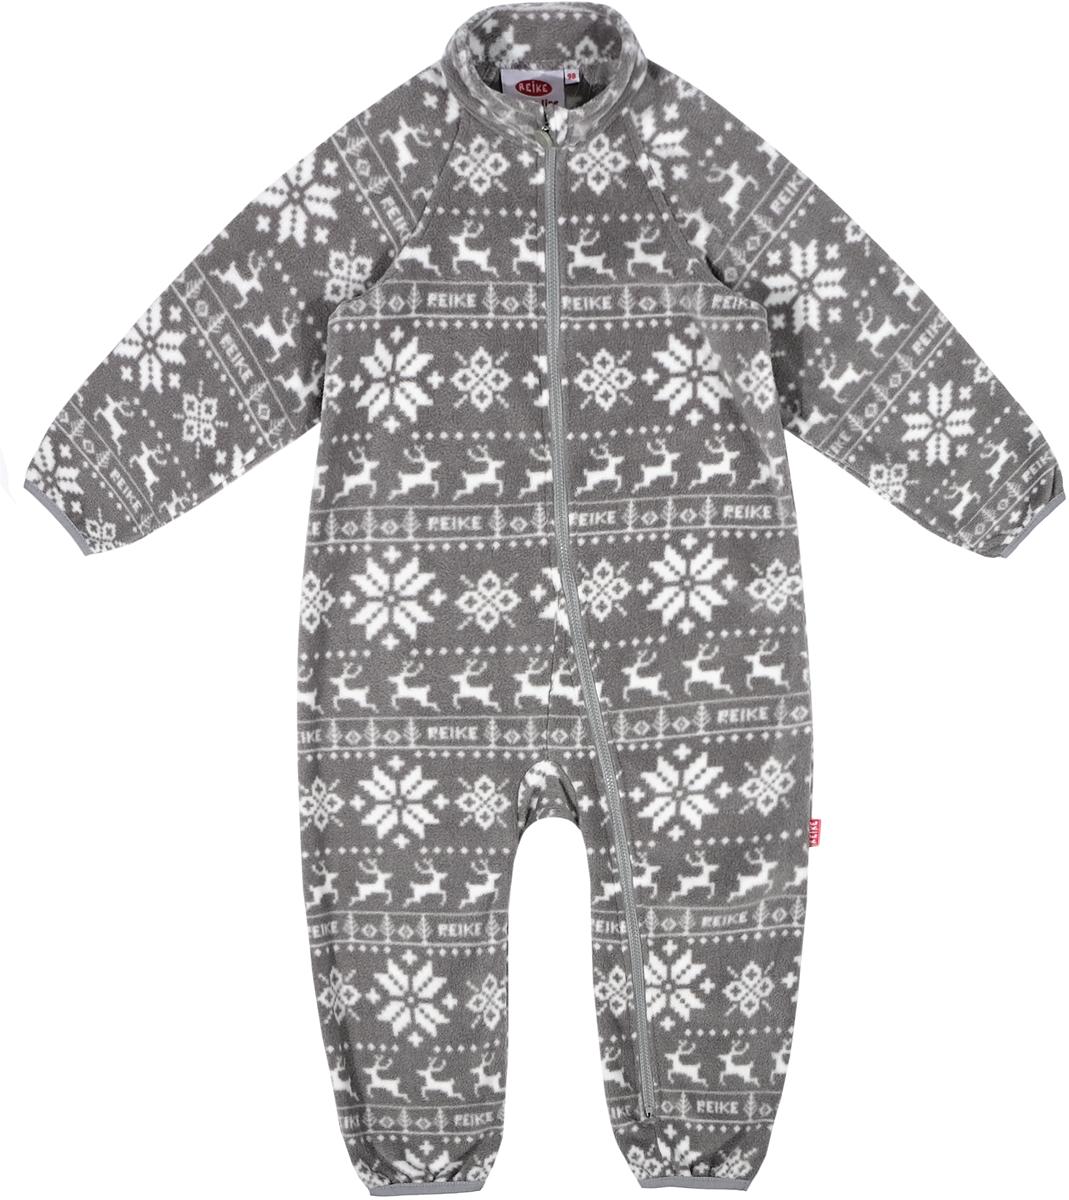 Комбинезон утепленный детский флисовый Reike, цвет: серый. WL-13_grey. Размер 92WL-13_grey